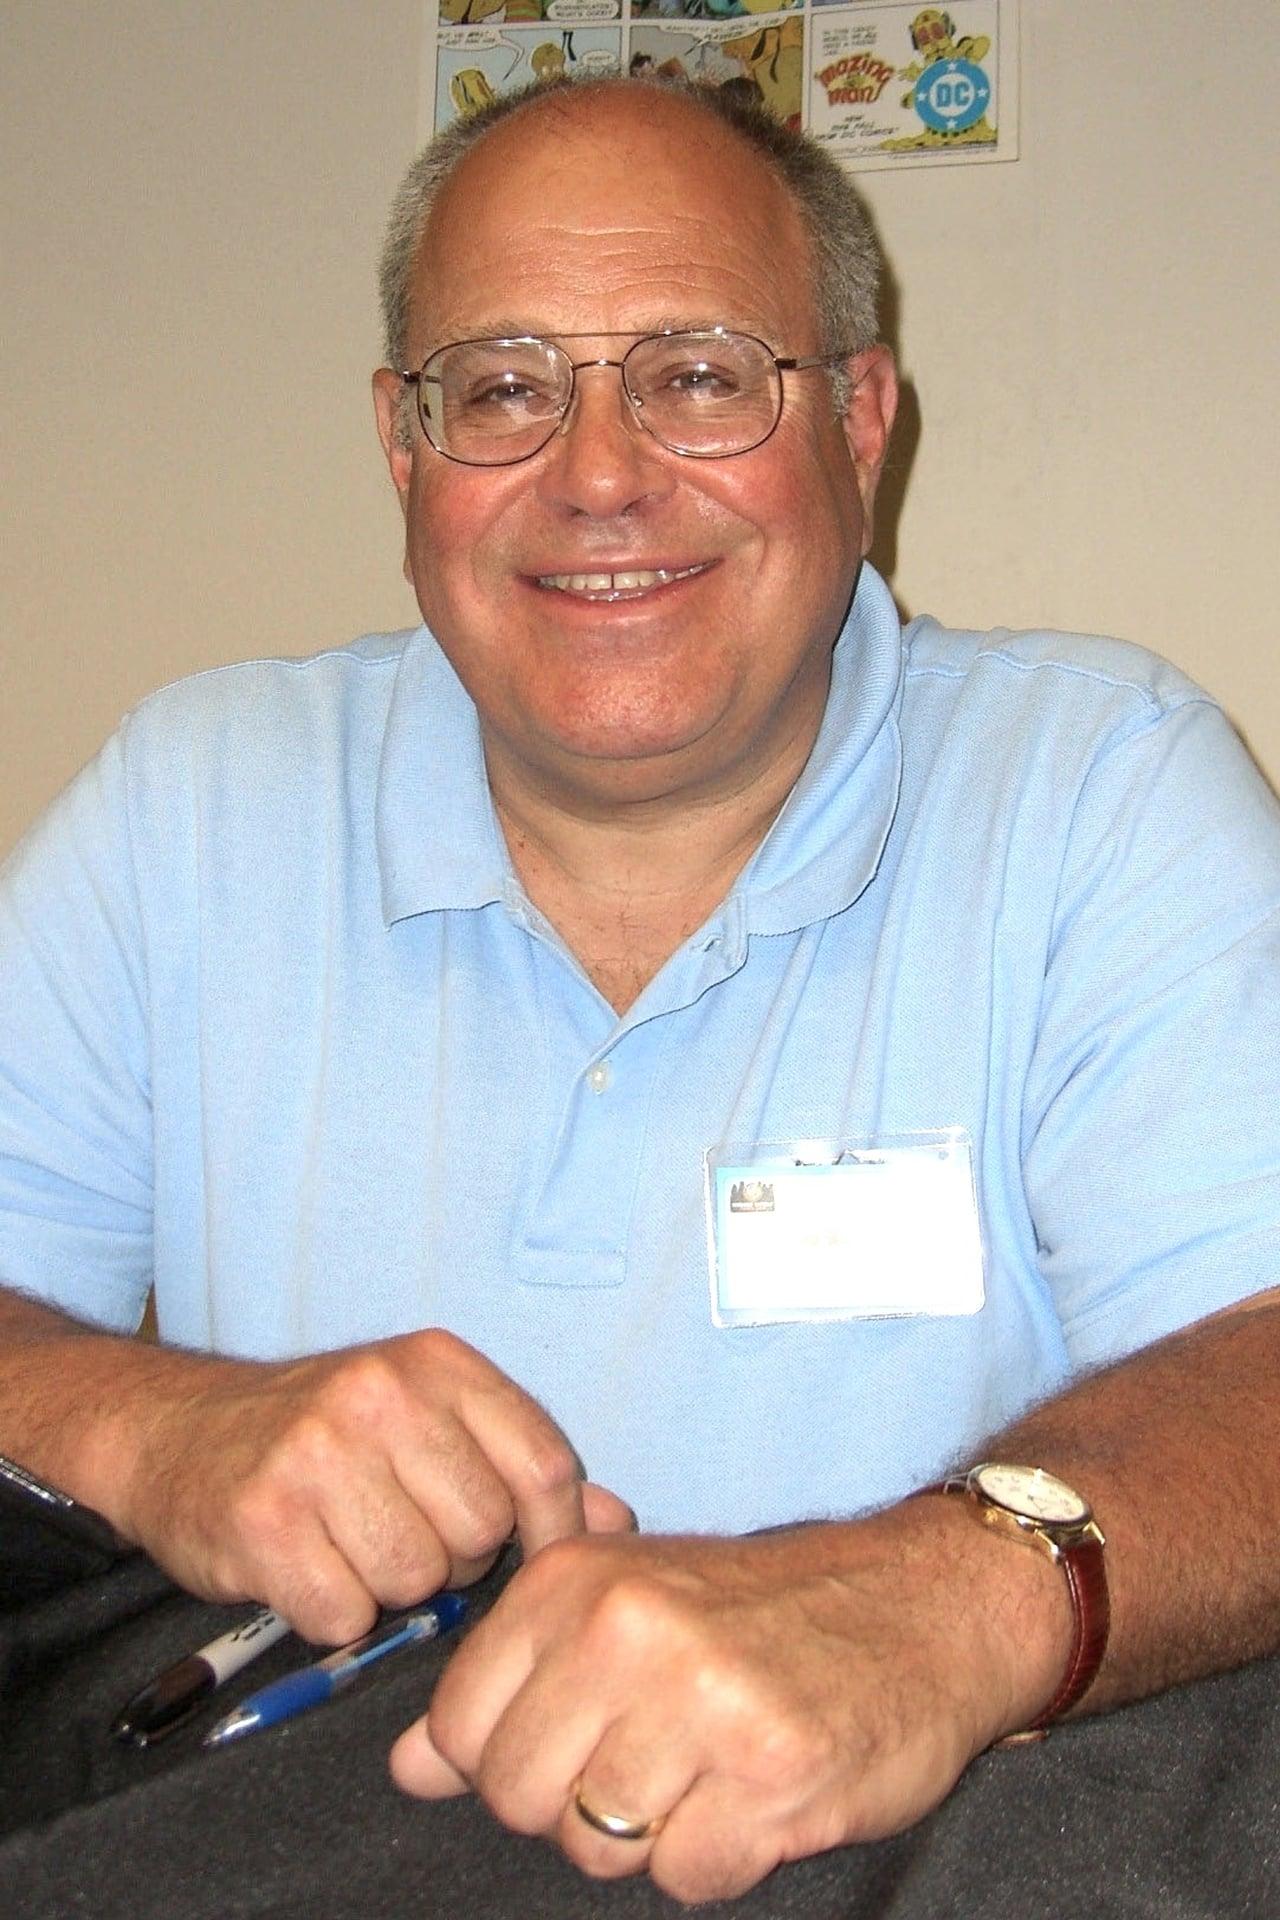 Bob Rozakis